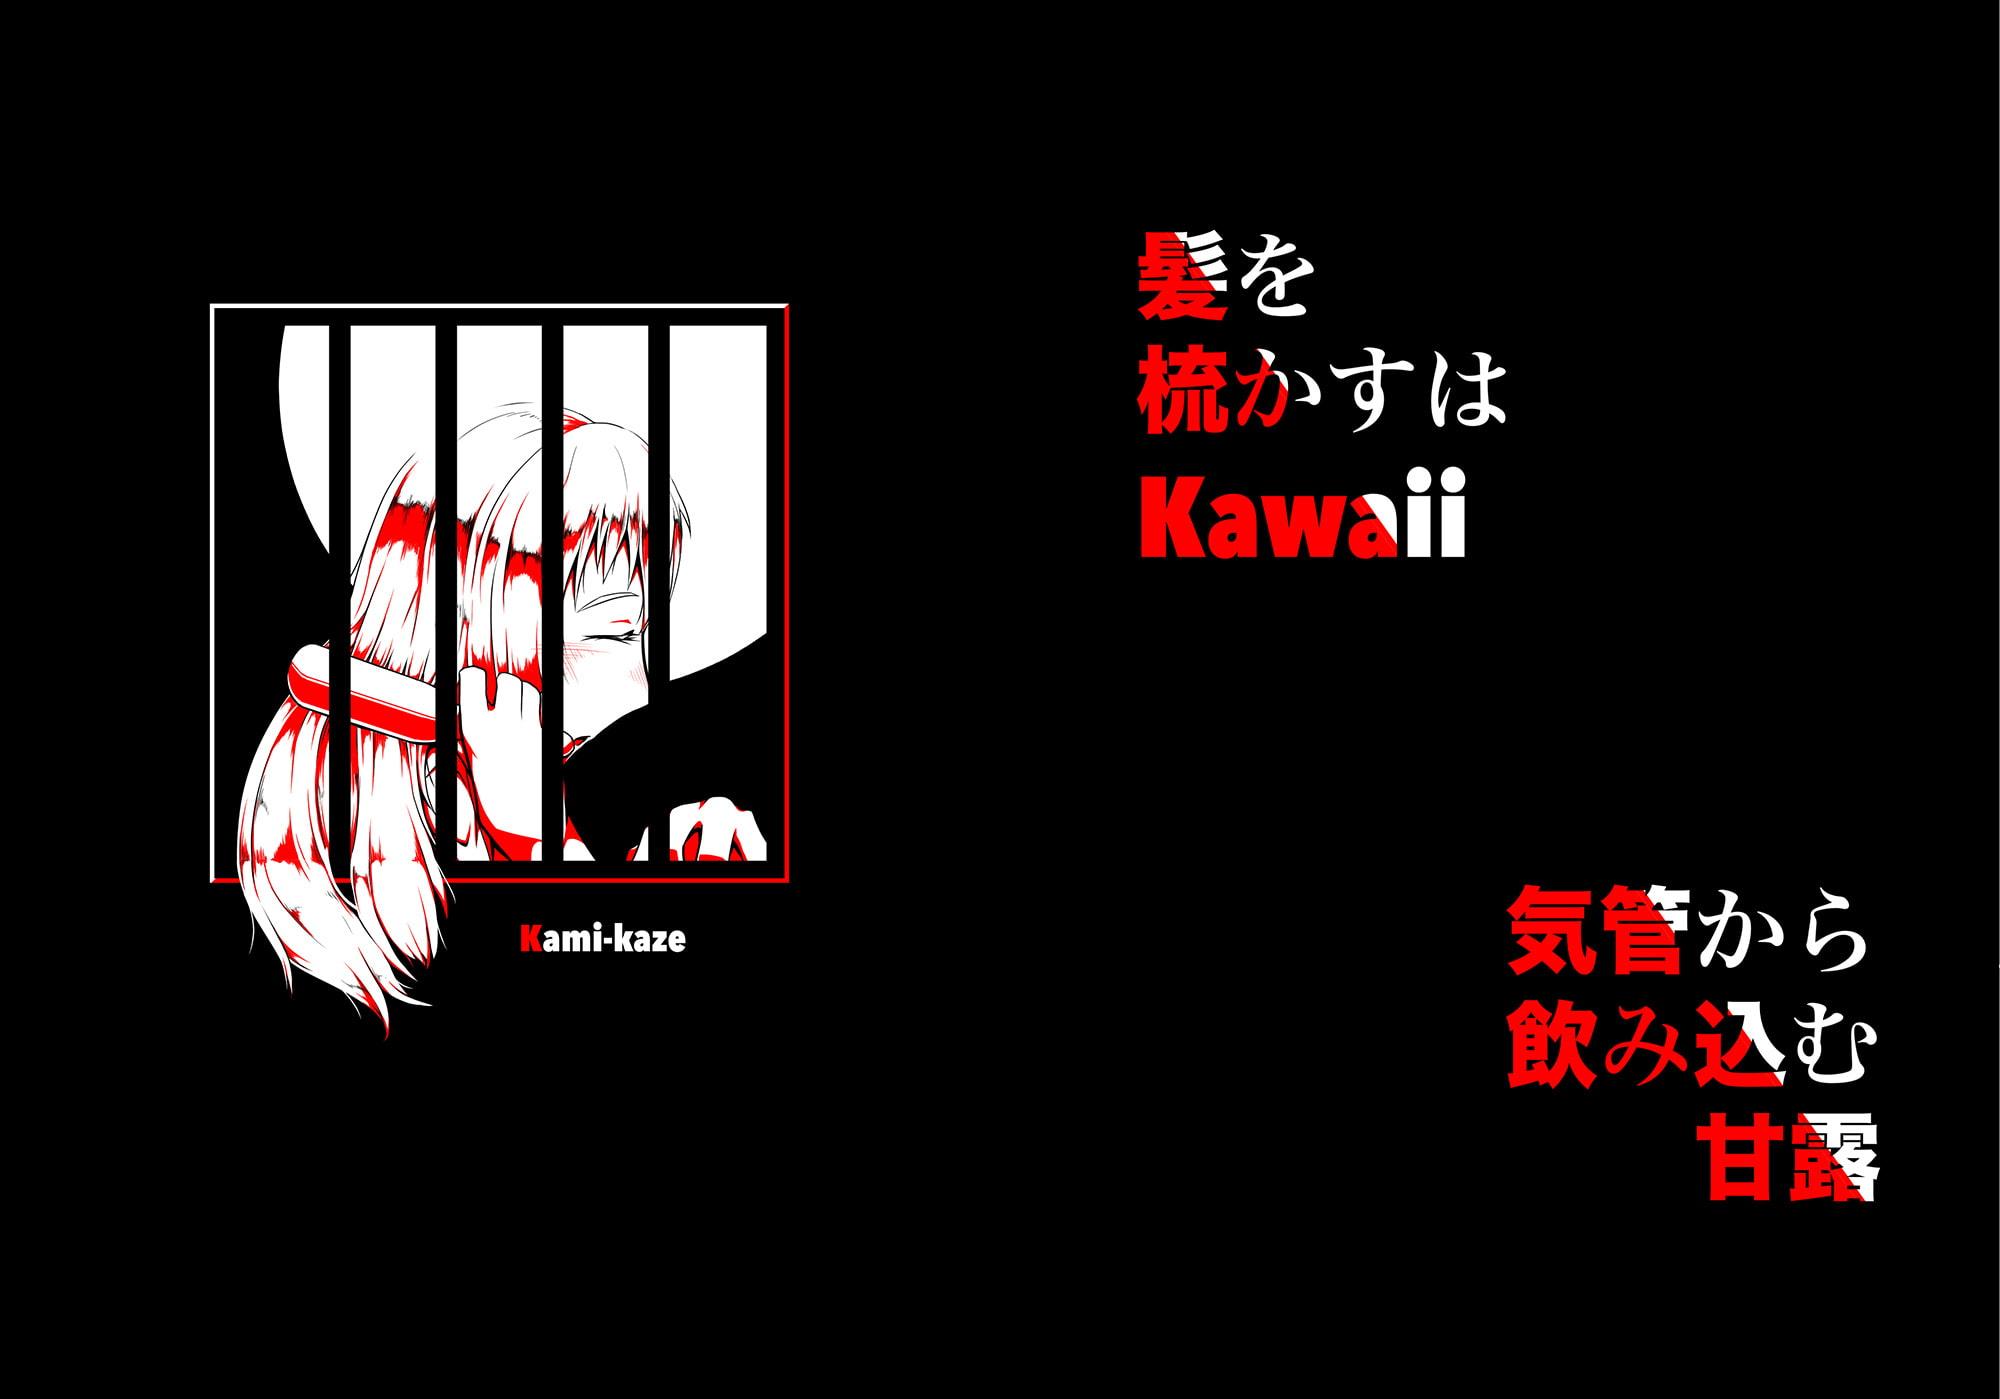 Kawaii is Guilty